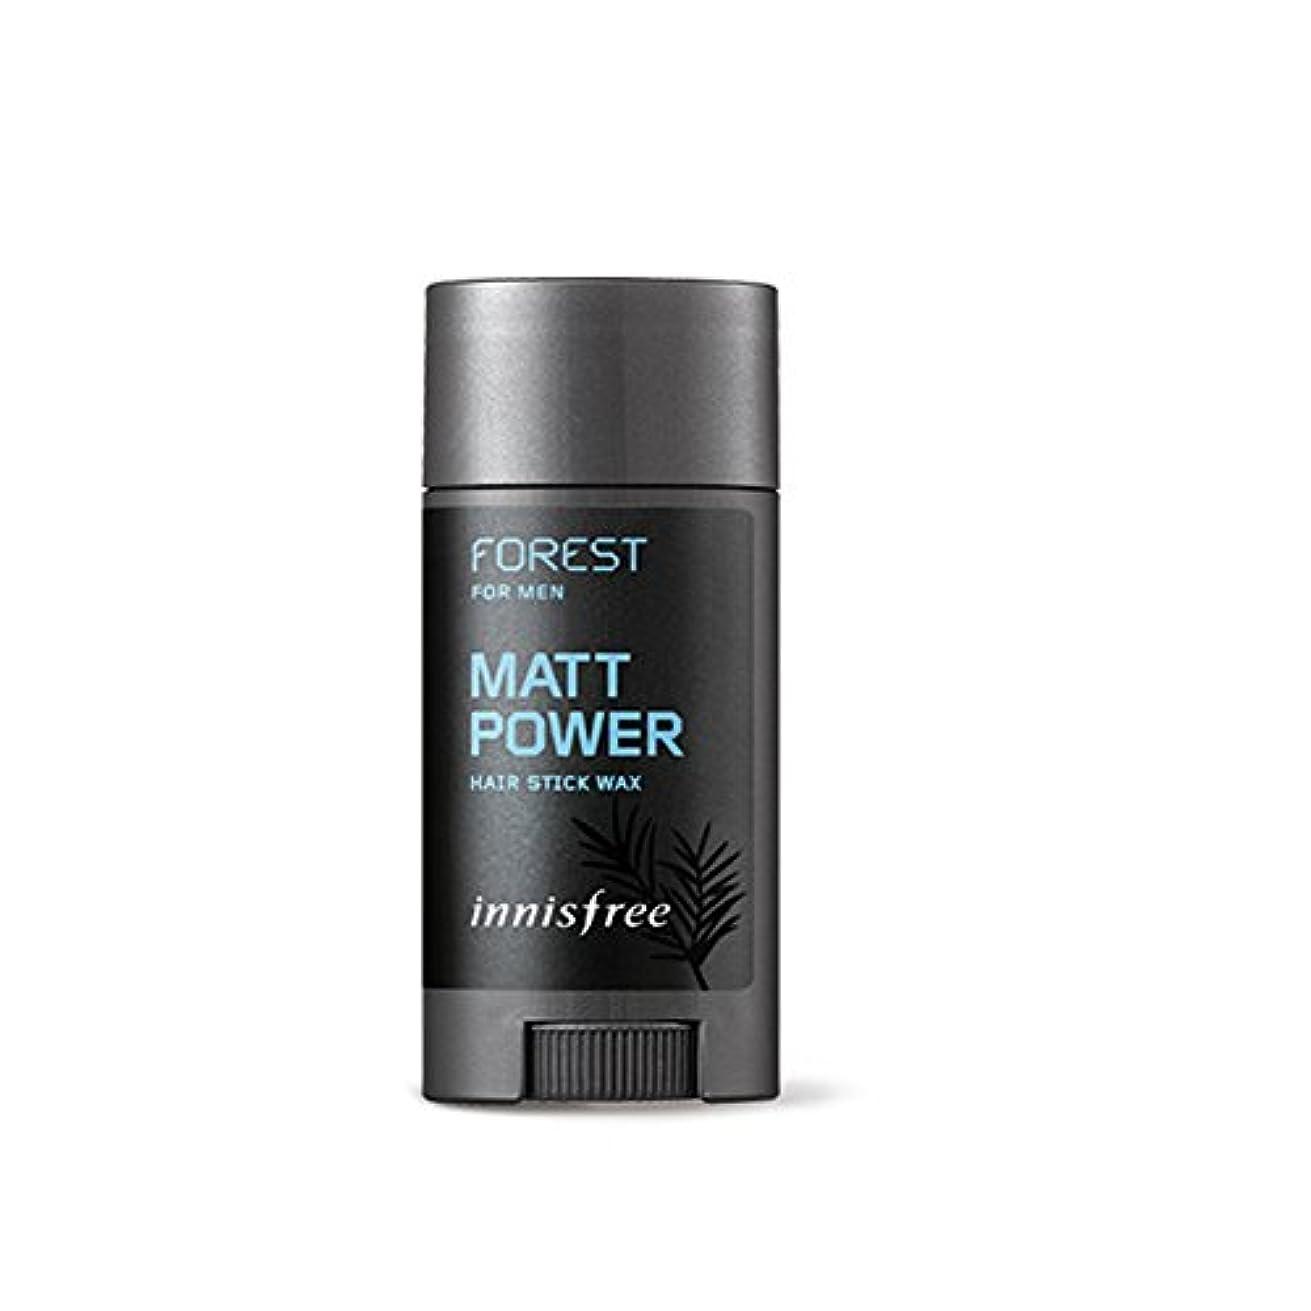 若さ悪意のある一緒イニスフリーフォレストメンズヘアスティックワックス、マットパワー15g / Innisfree Forest for Men Hair Stick Wax, Matt Power 15g [並行輸入品][海外直送品]